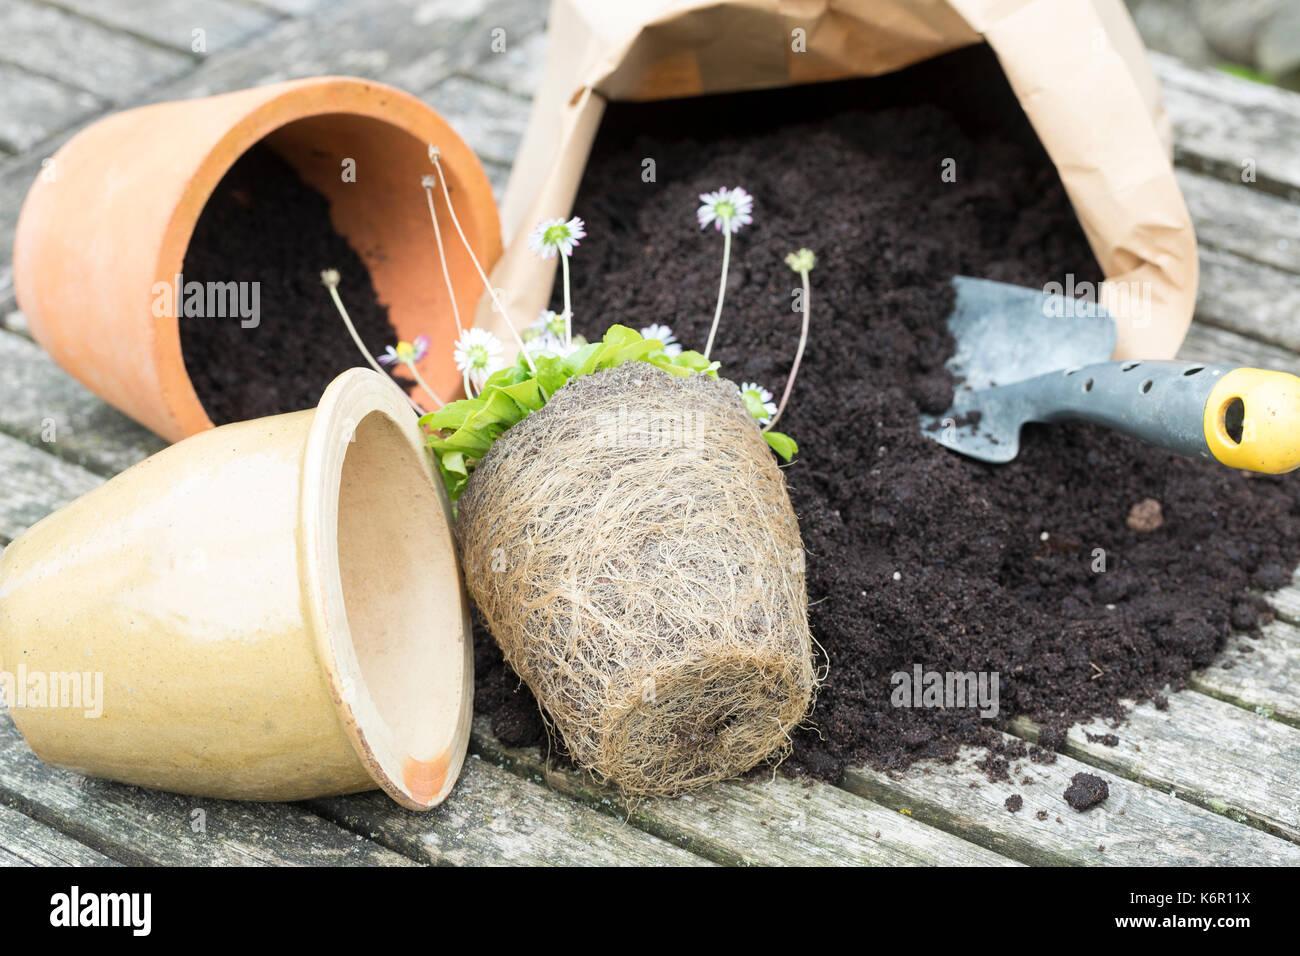 transplanting garden stock photos transplanting garden stock images alamy. Black Bedroom Furniture Sets. Home Design Ideas